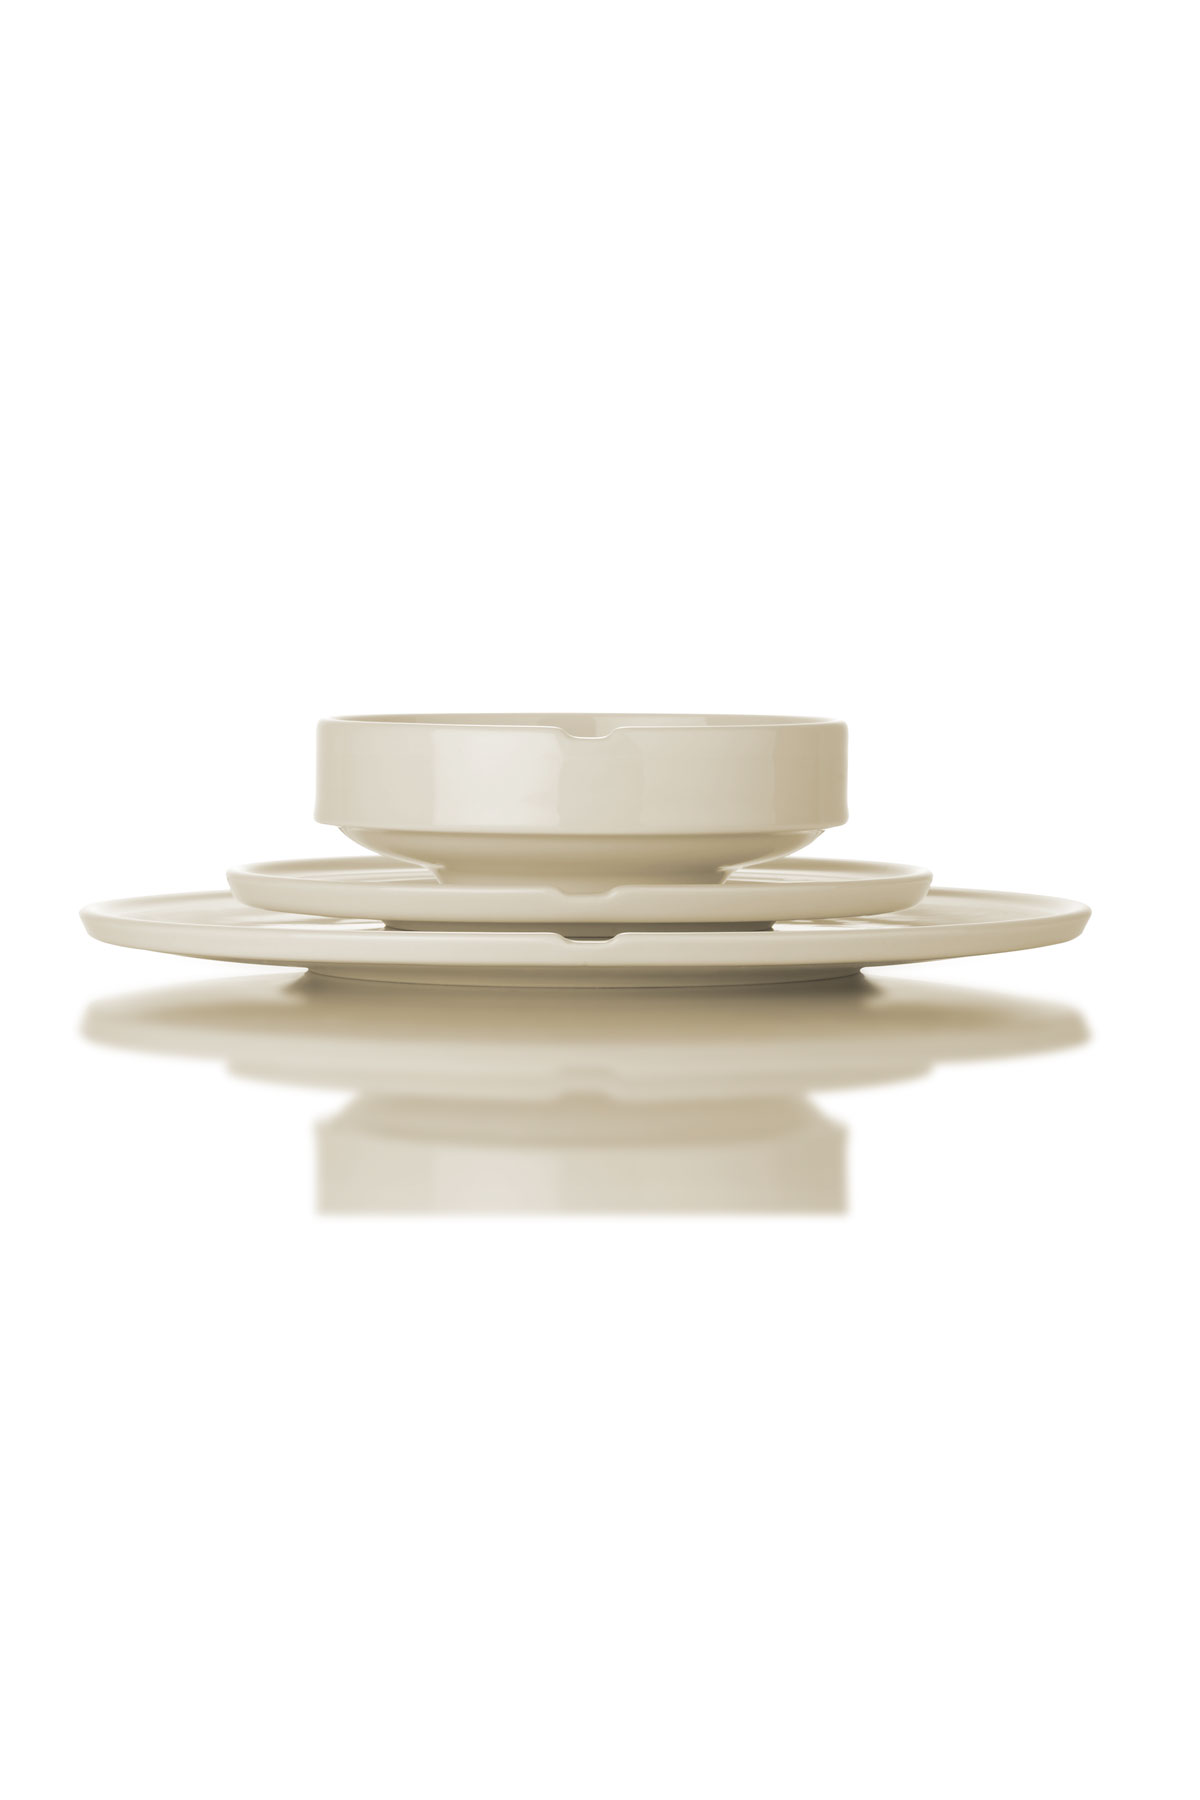 Kütahya Porselen Chef Taste Of 32 cm Kayık Tabak Krem